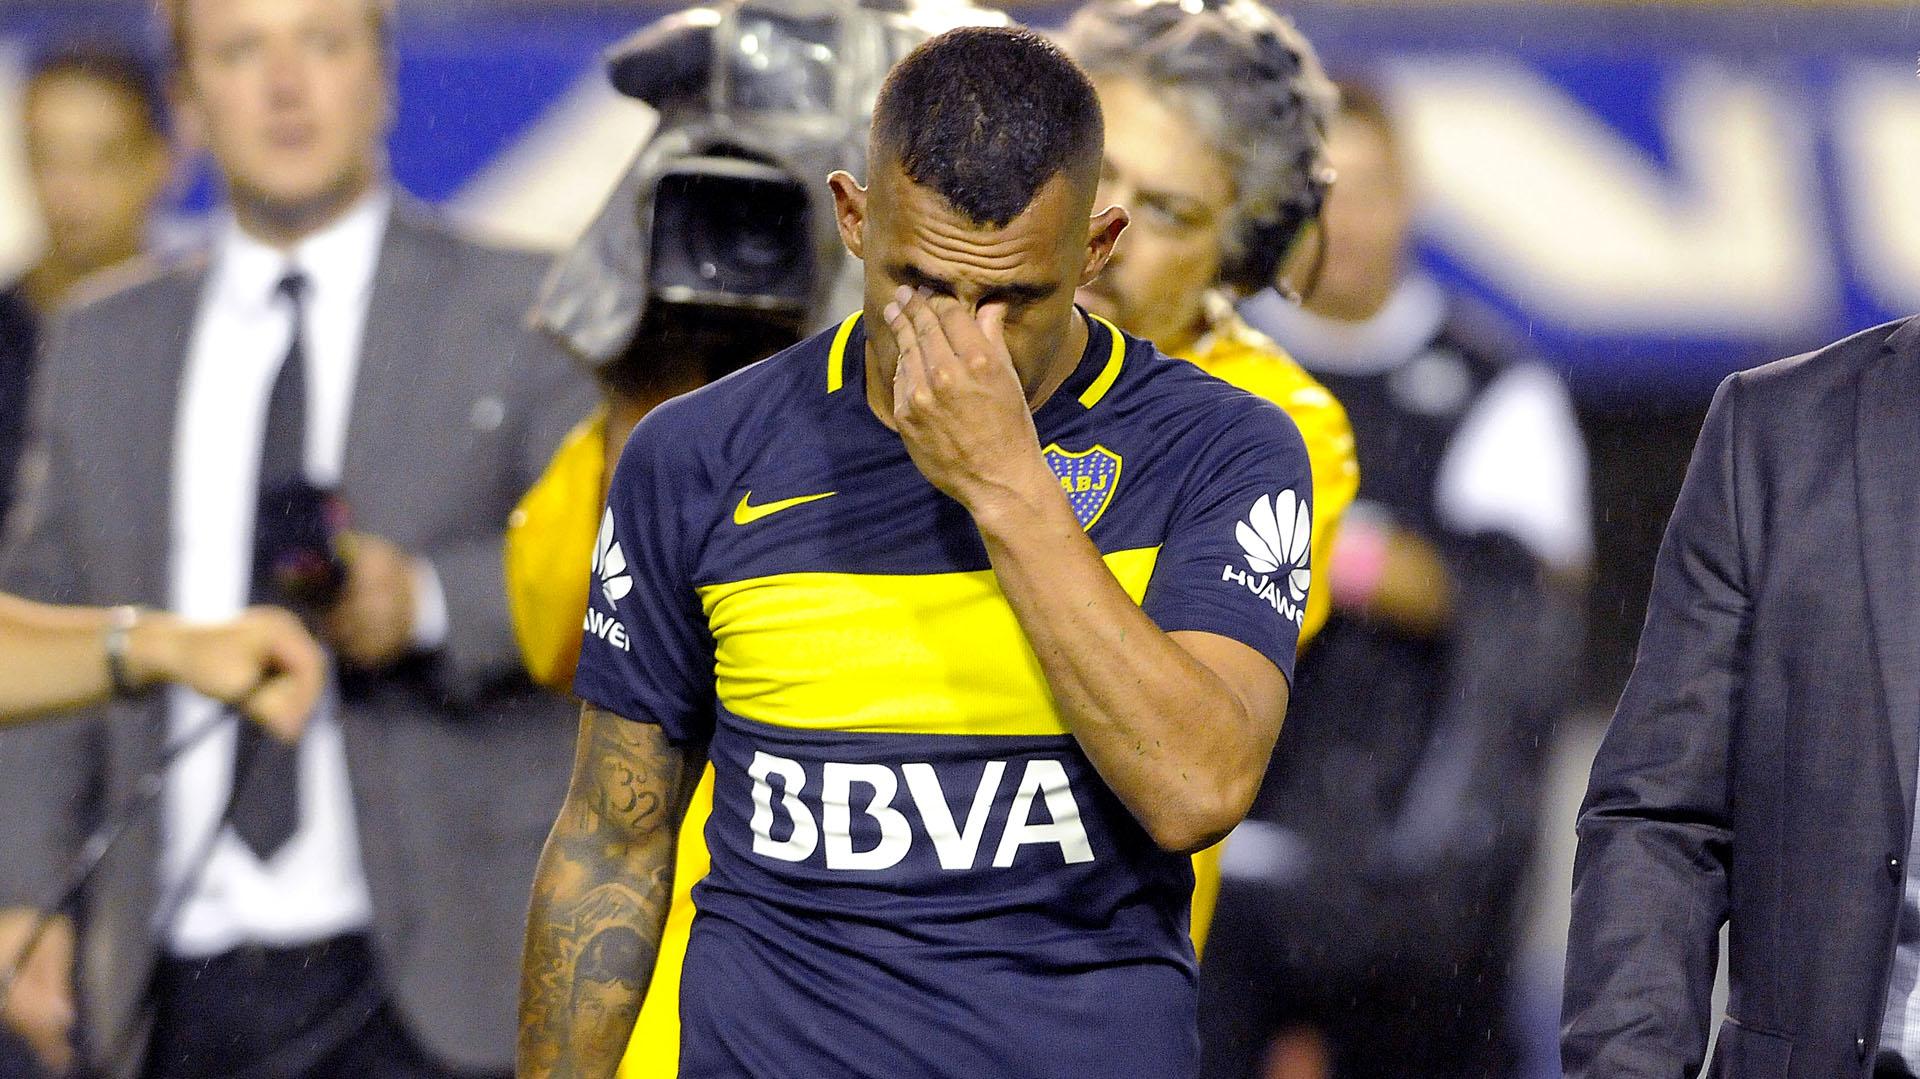 El controvertido número que eligió Tevez para volver a Boca que causa  cargadas en las redes sociales  2415c977889